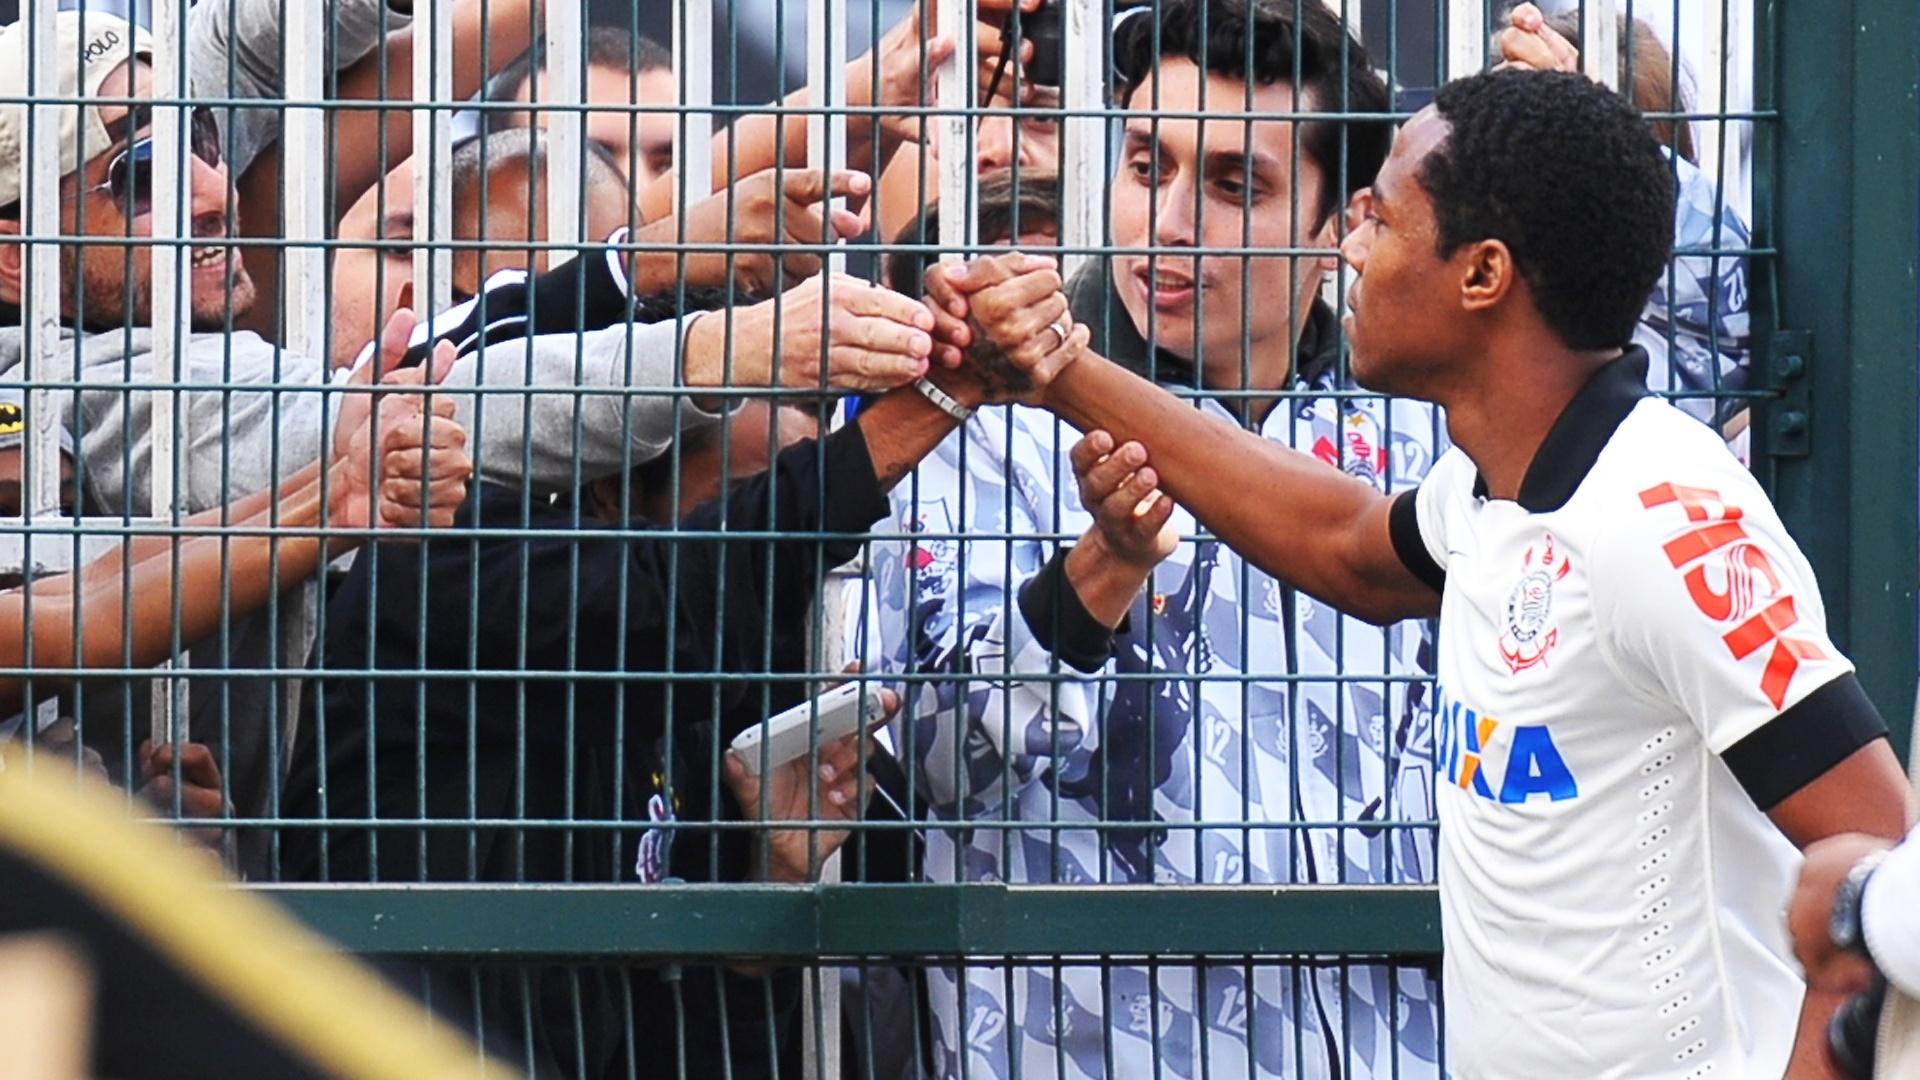 Elias é apresentado à torcida do Corinthians antes do jogo no Pacaembu 27.abr.2014